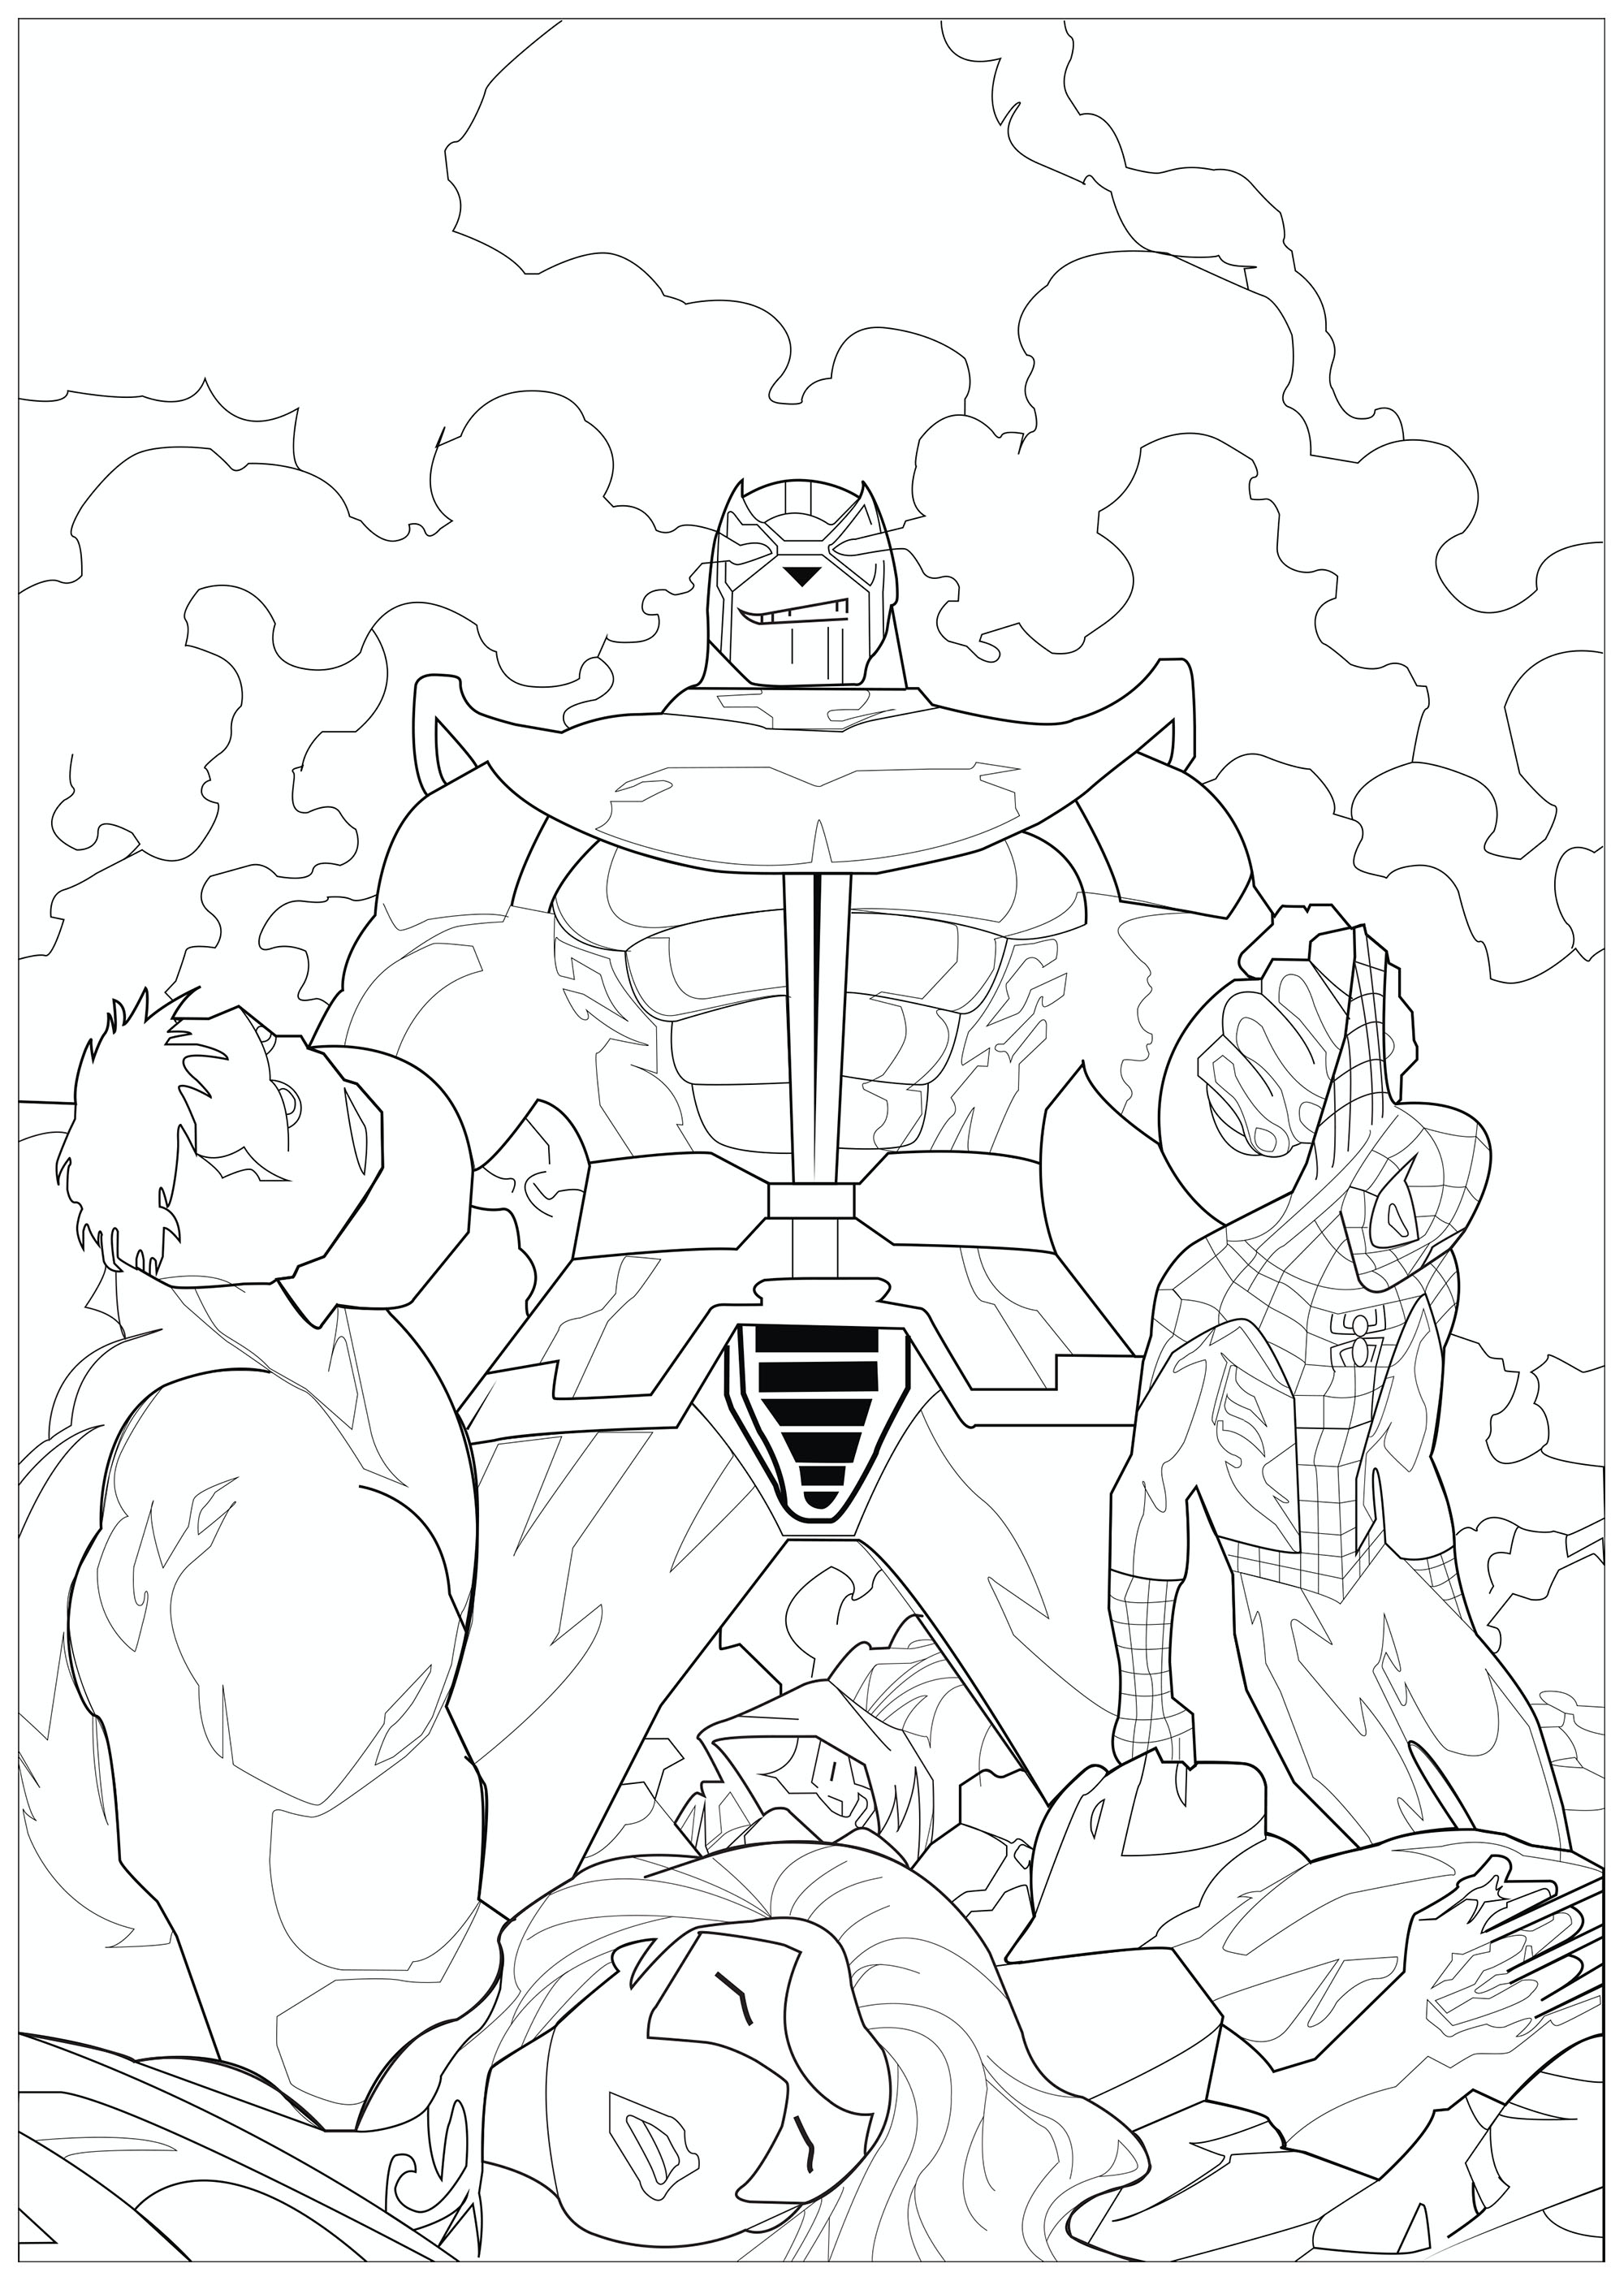 Thanos le super méchant Marvel, et les cadavres des Avengers qu'il a tués : Hulk, Spiderman, Iron Man et Black widow